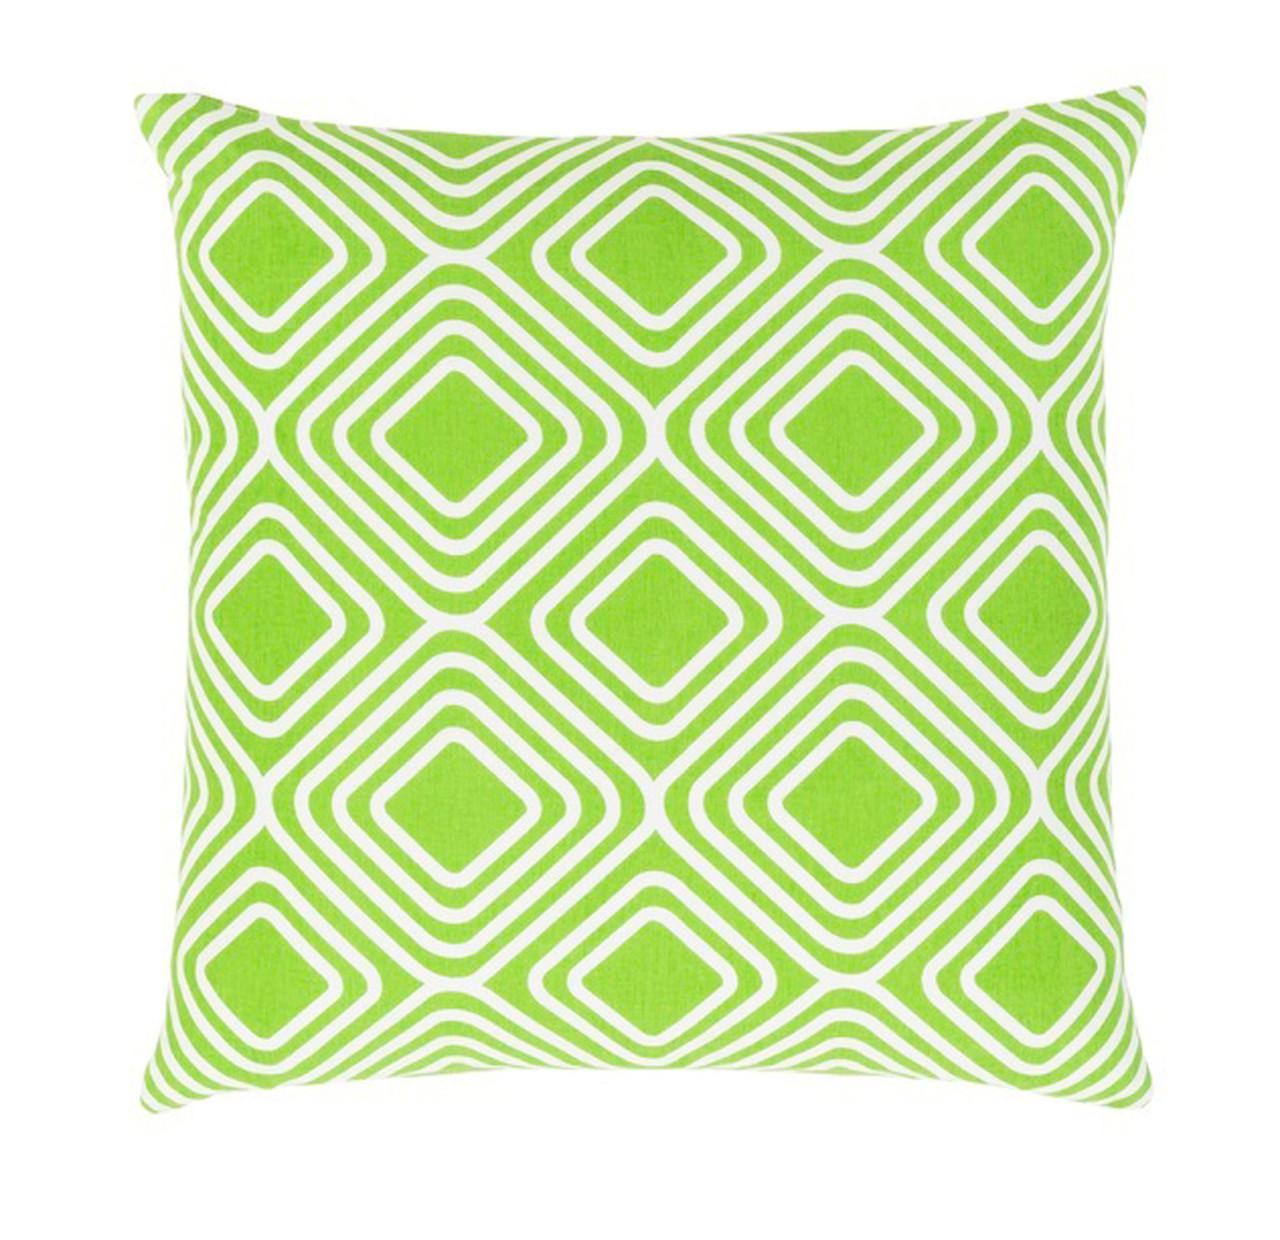 Lime Green Chevron Throw Pillow : 20